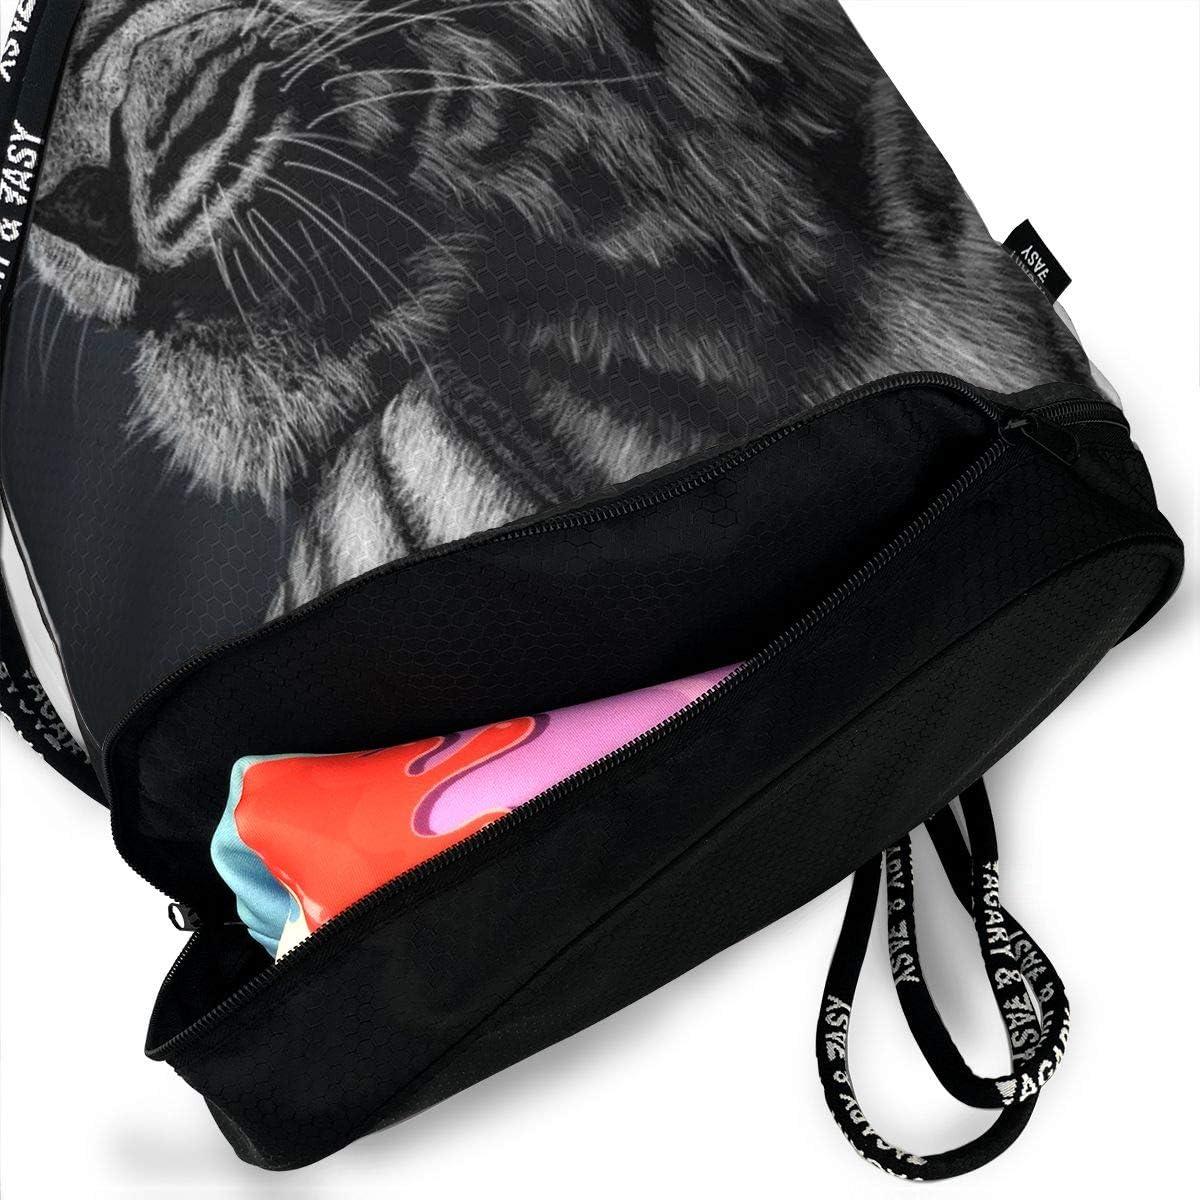 GymSack Drawstring Bag Sackpack Tiger Sport Cinch Pack Simple Bundle Pocke Backpack For Men Women